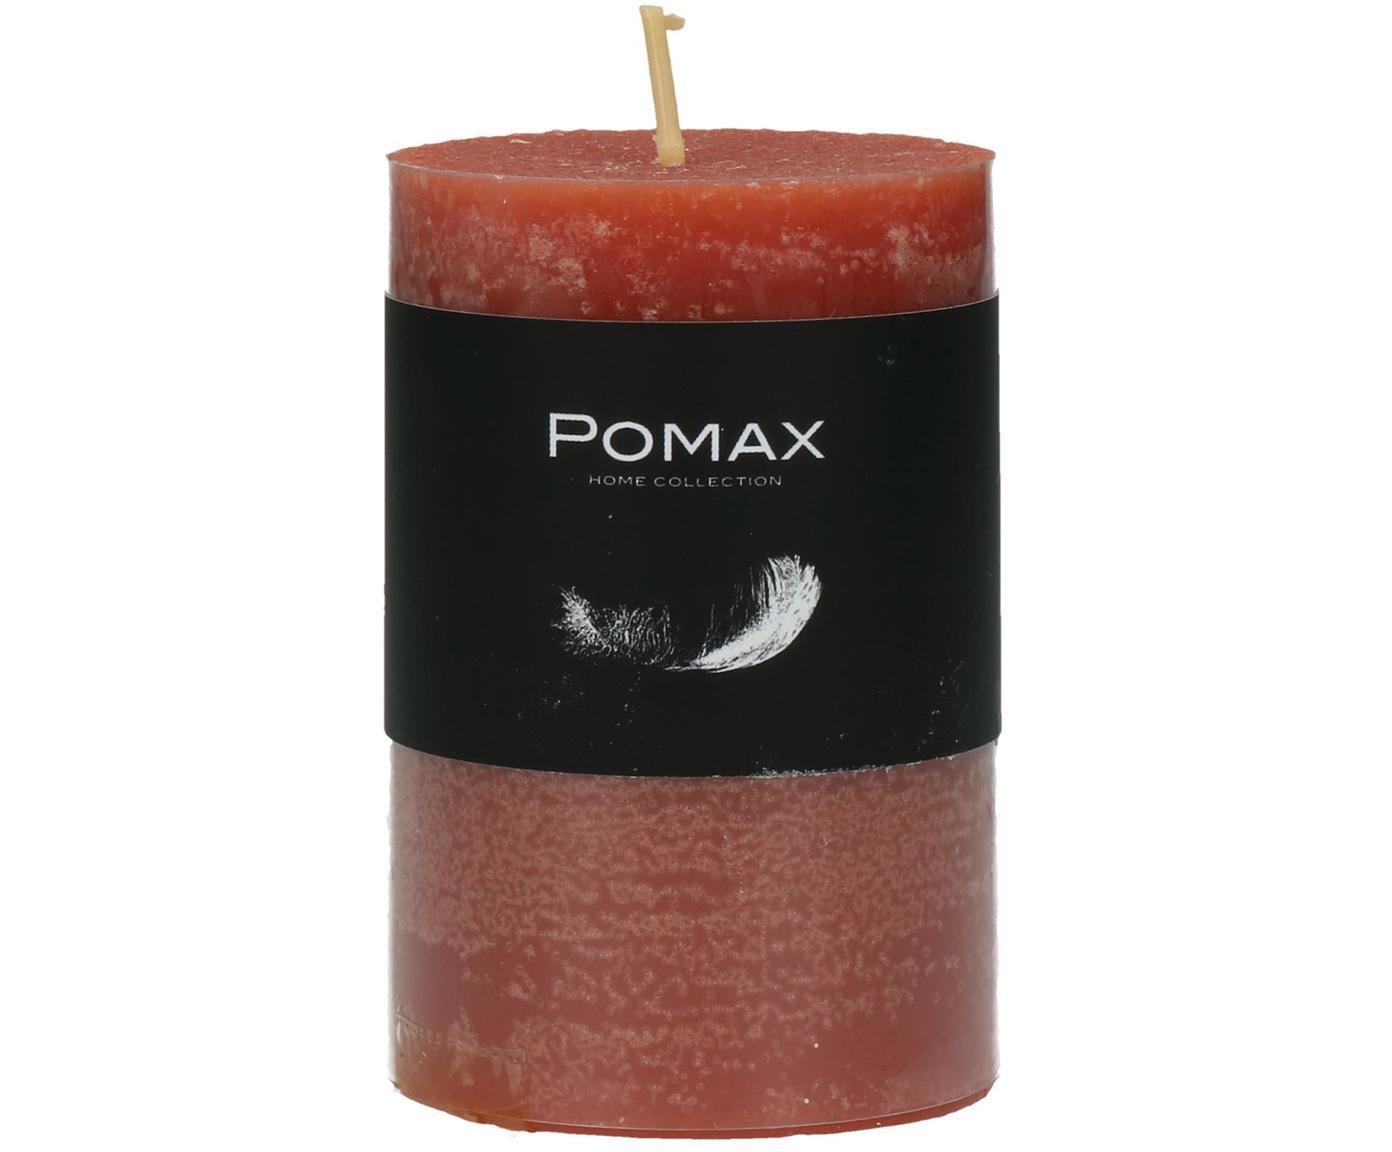 Stumpenkerze Arda, 80% Paraffinwachs, 20% Palmwachs, Terrakotta, Ø 5 x H 8 cm